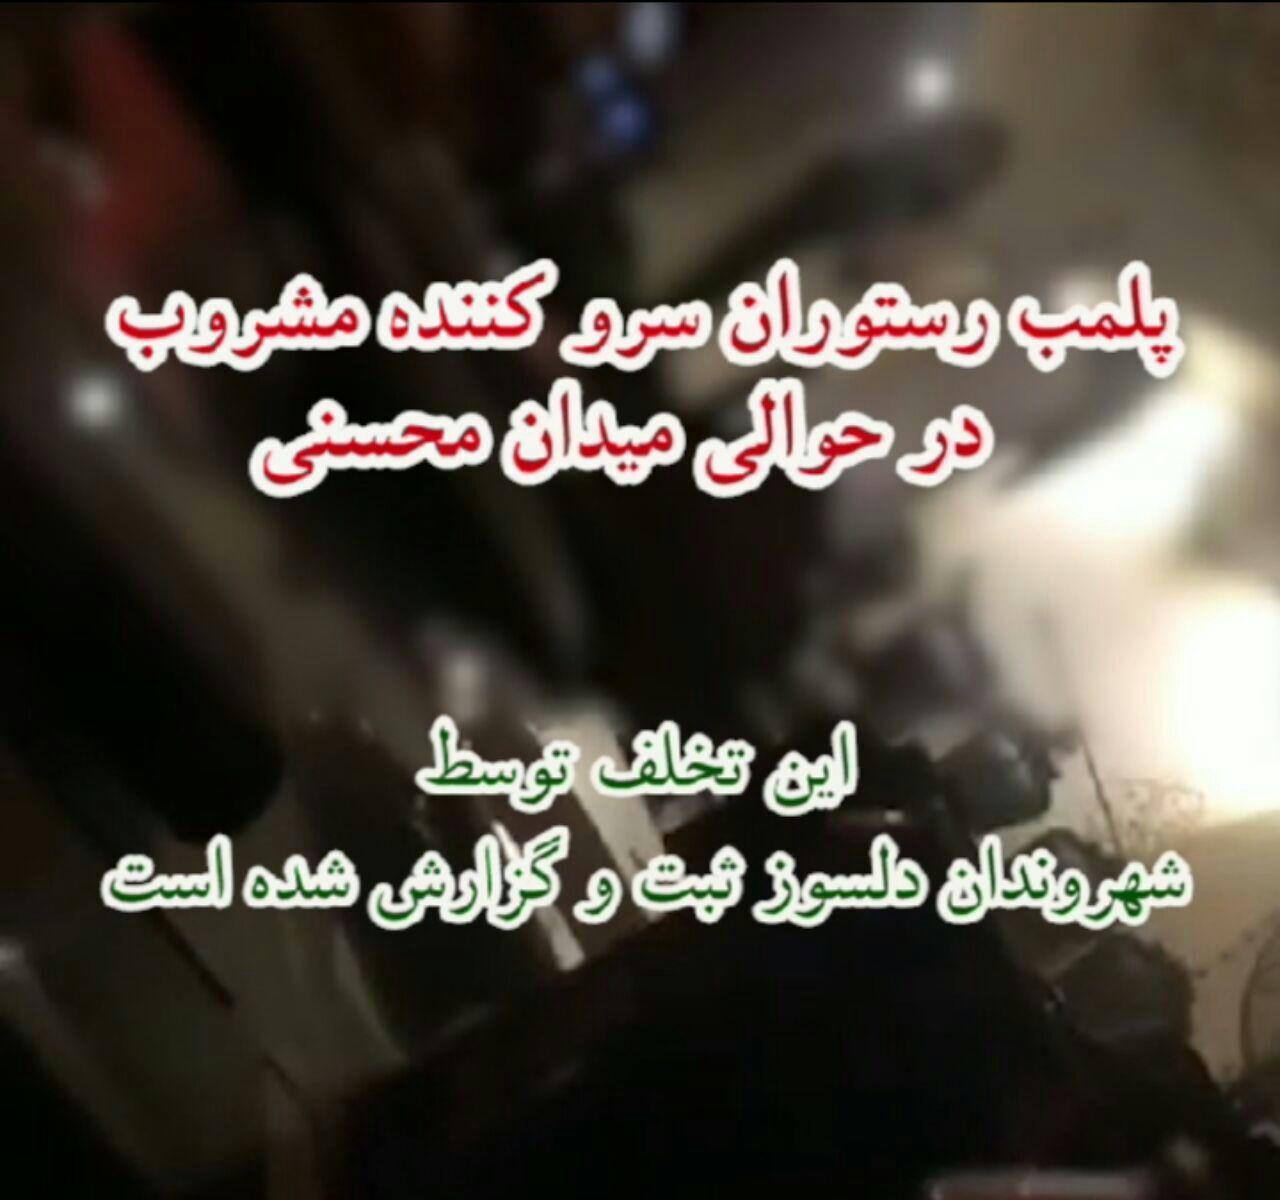 رقص مختلط زنان و مردهای تهرانی در رستوران سنتی میرداماد / مشروب هم سرو می شد + فیلم